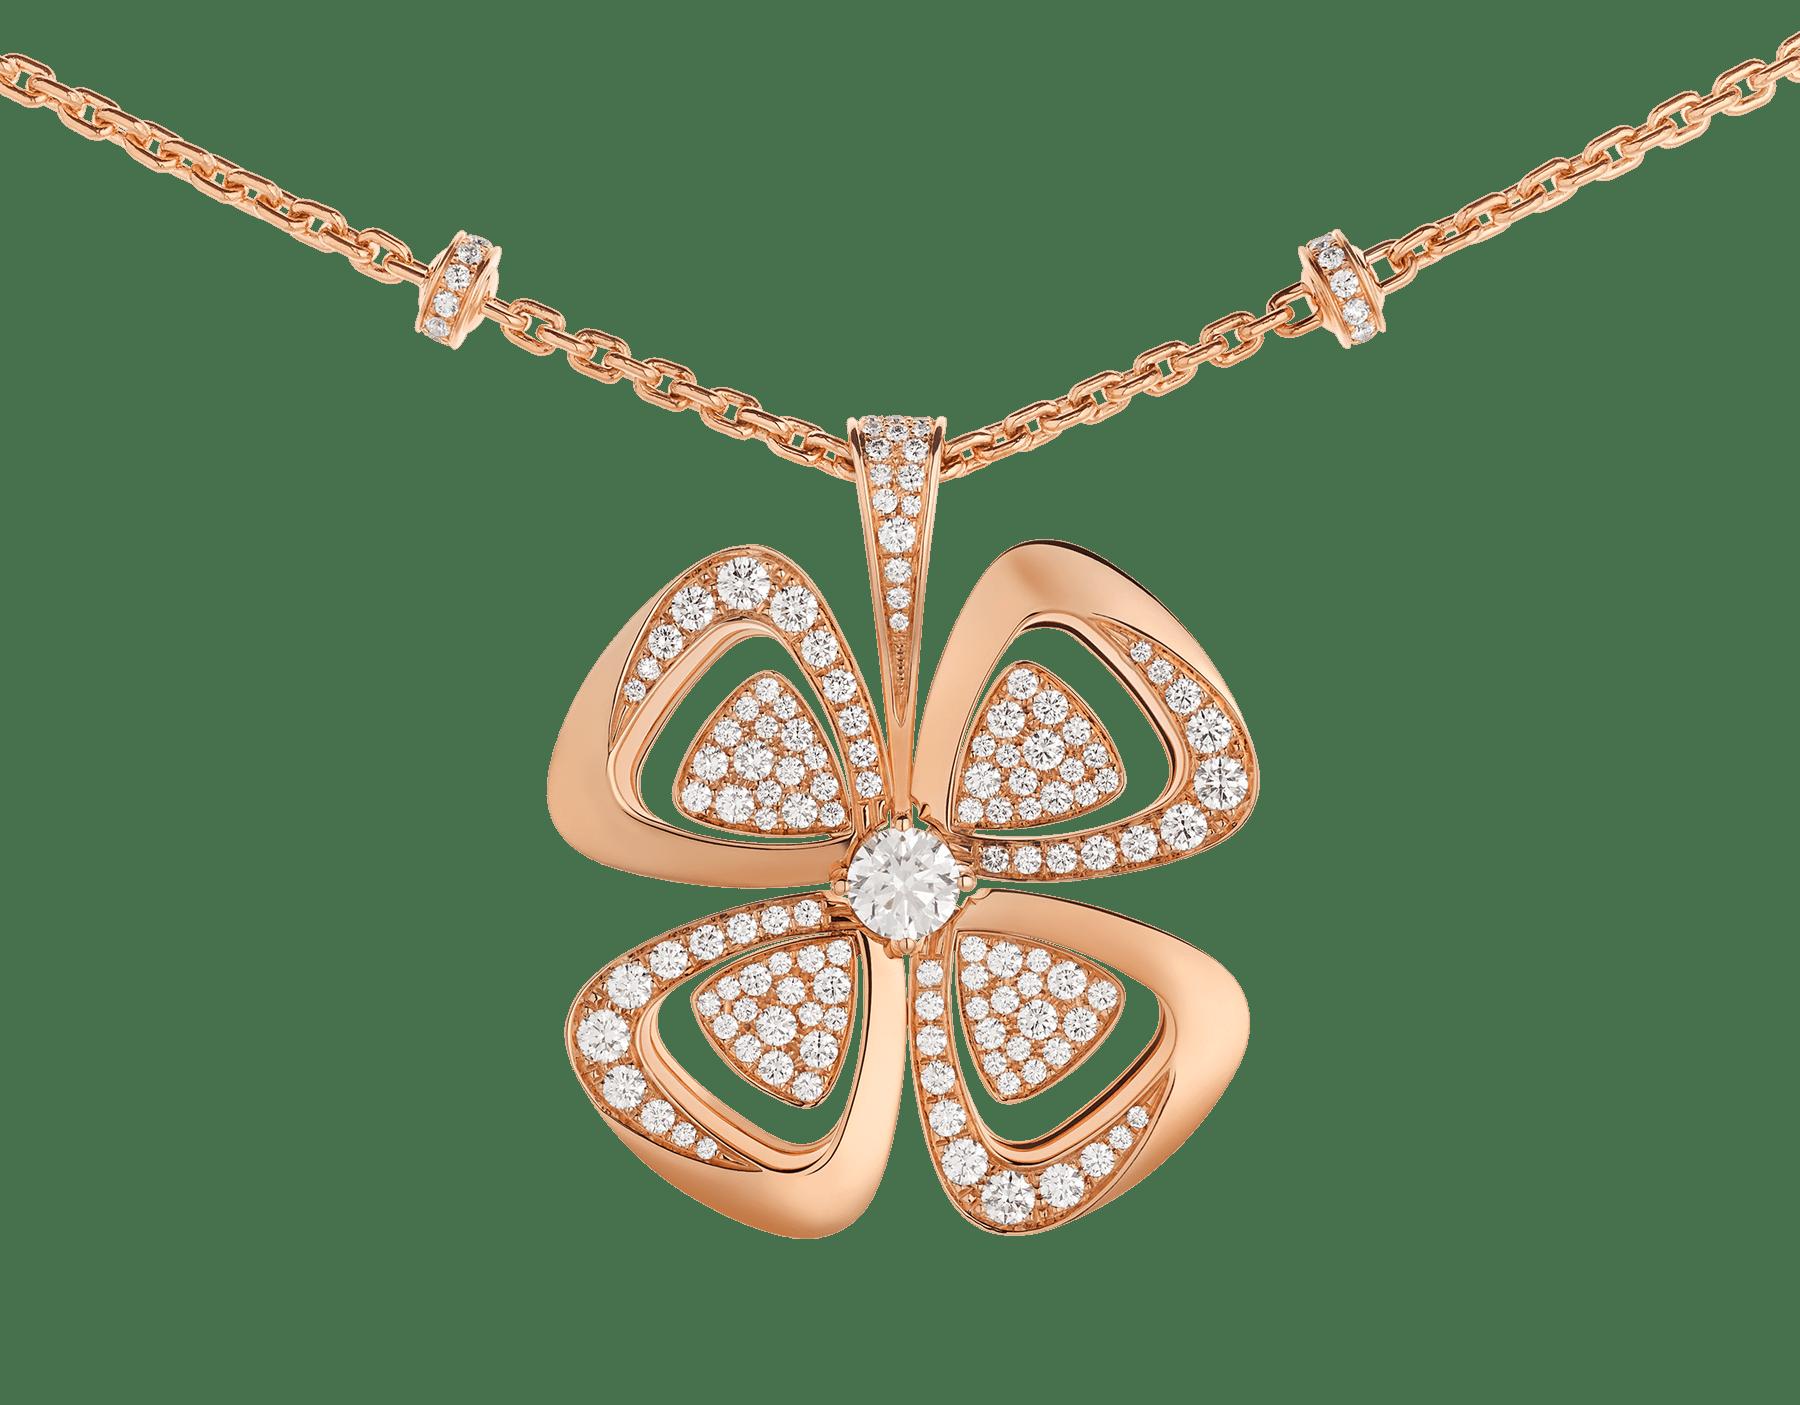 Fiorever咏绽系列18K玫瑰金项链,中央镶嵌一颗圆形明亮式切割钻石,饰以密镶钻石。 357218 image 3